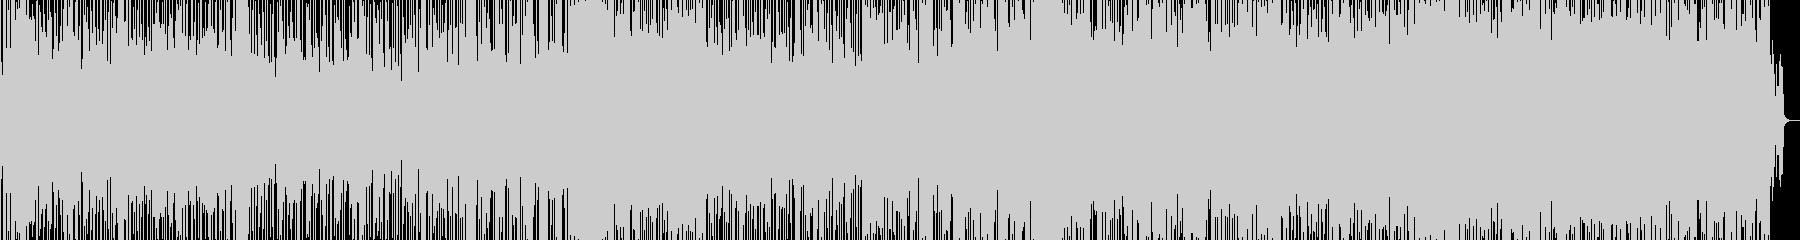 都会的でビンテージなR&Bサウンドの未再生の波形